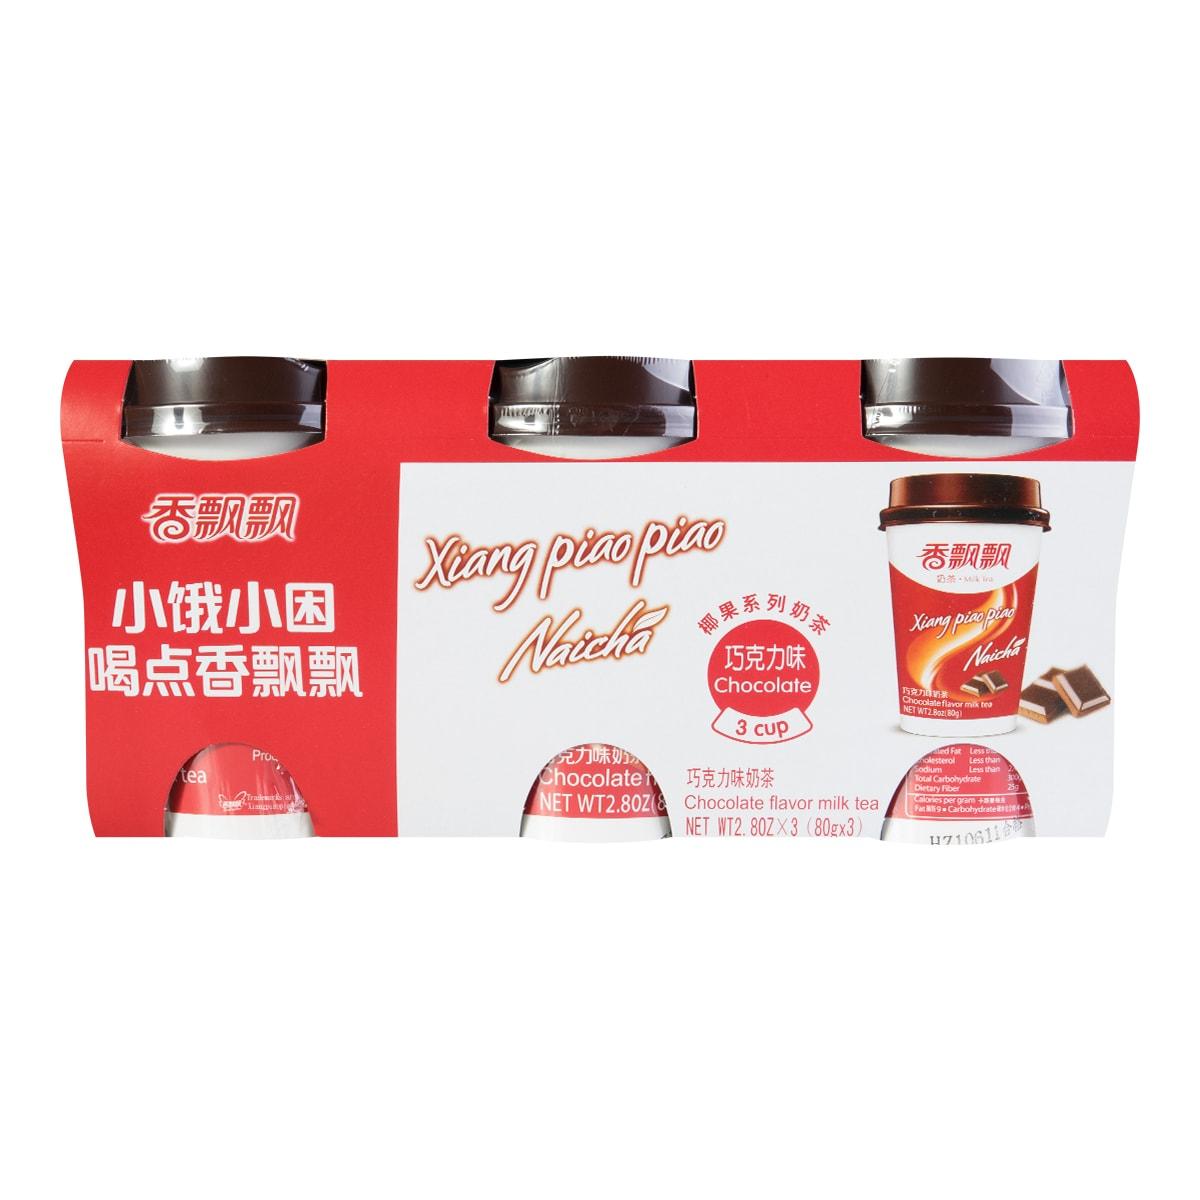 香飘飘 椰果系列奶茶 巧克力味 80g*3连杯